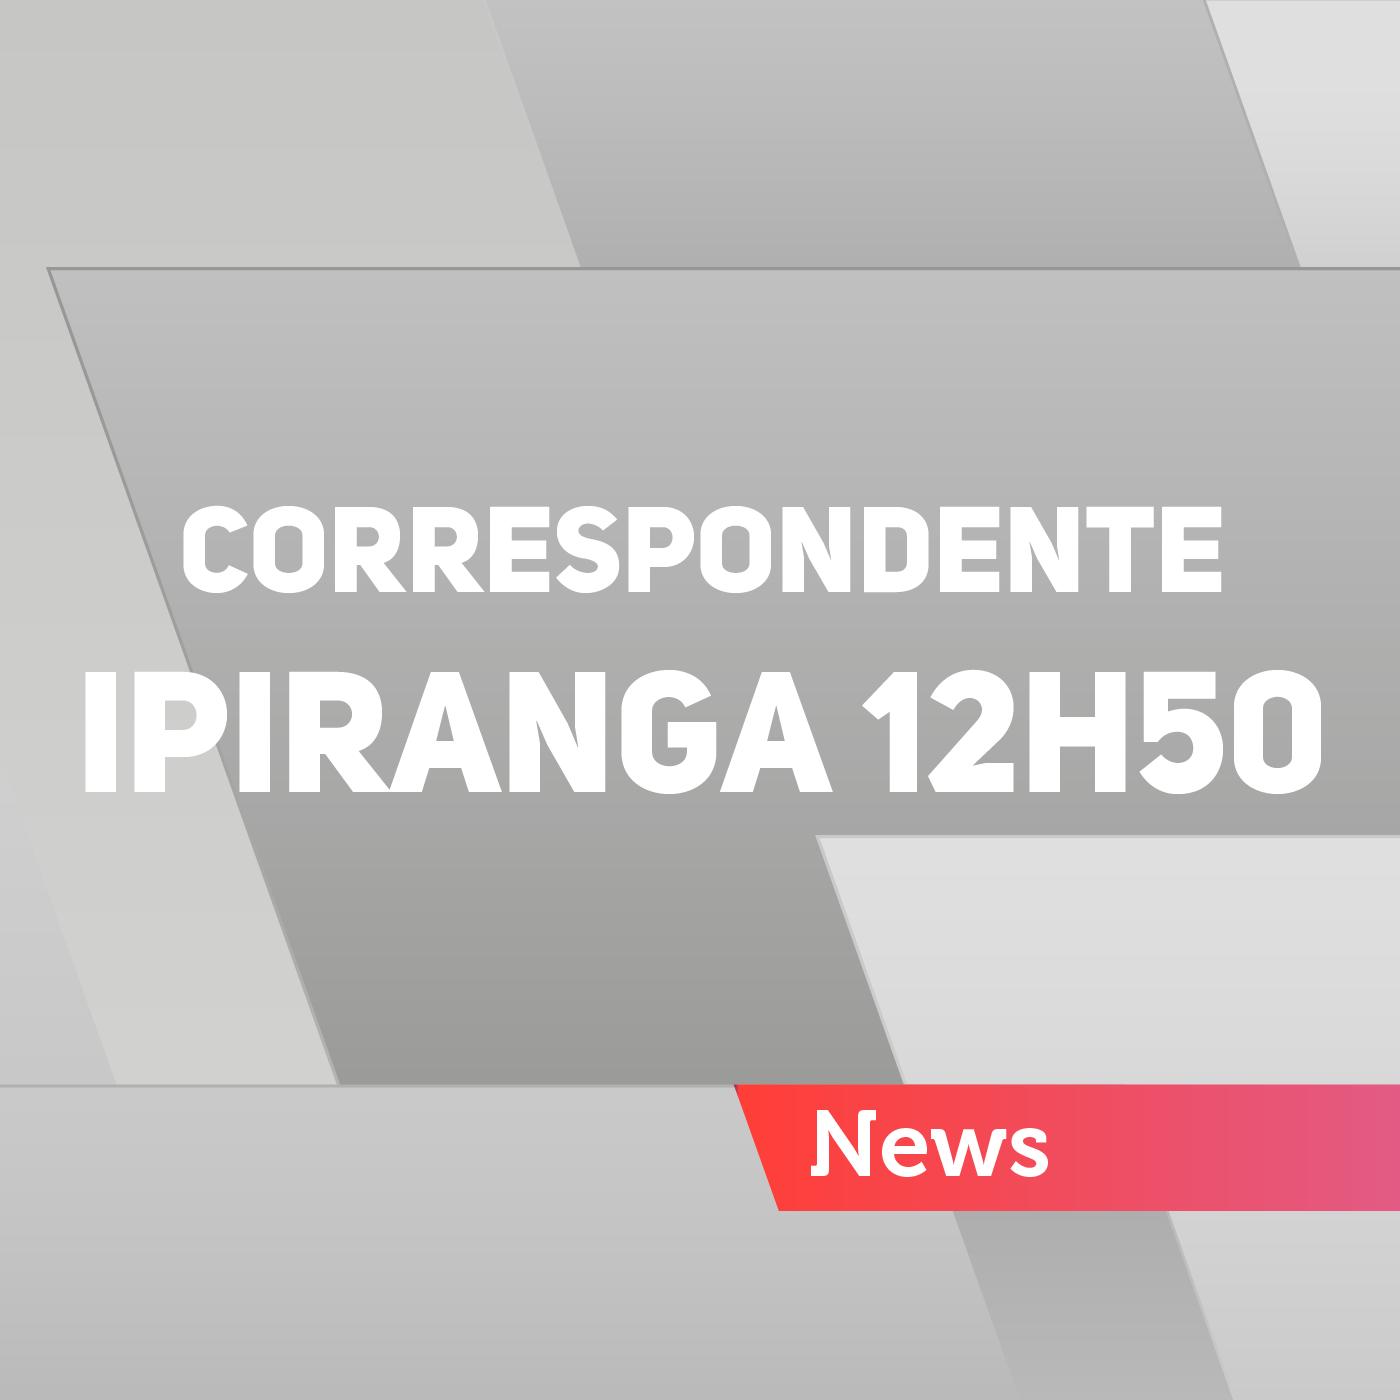 Correspondente Ipiranga - 12h50 - 30/05/2016